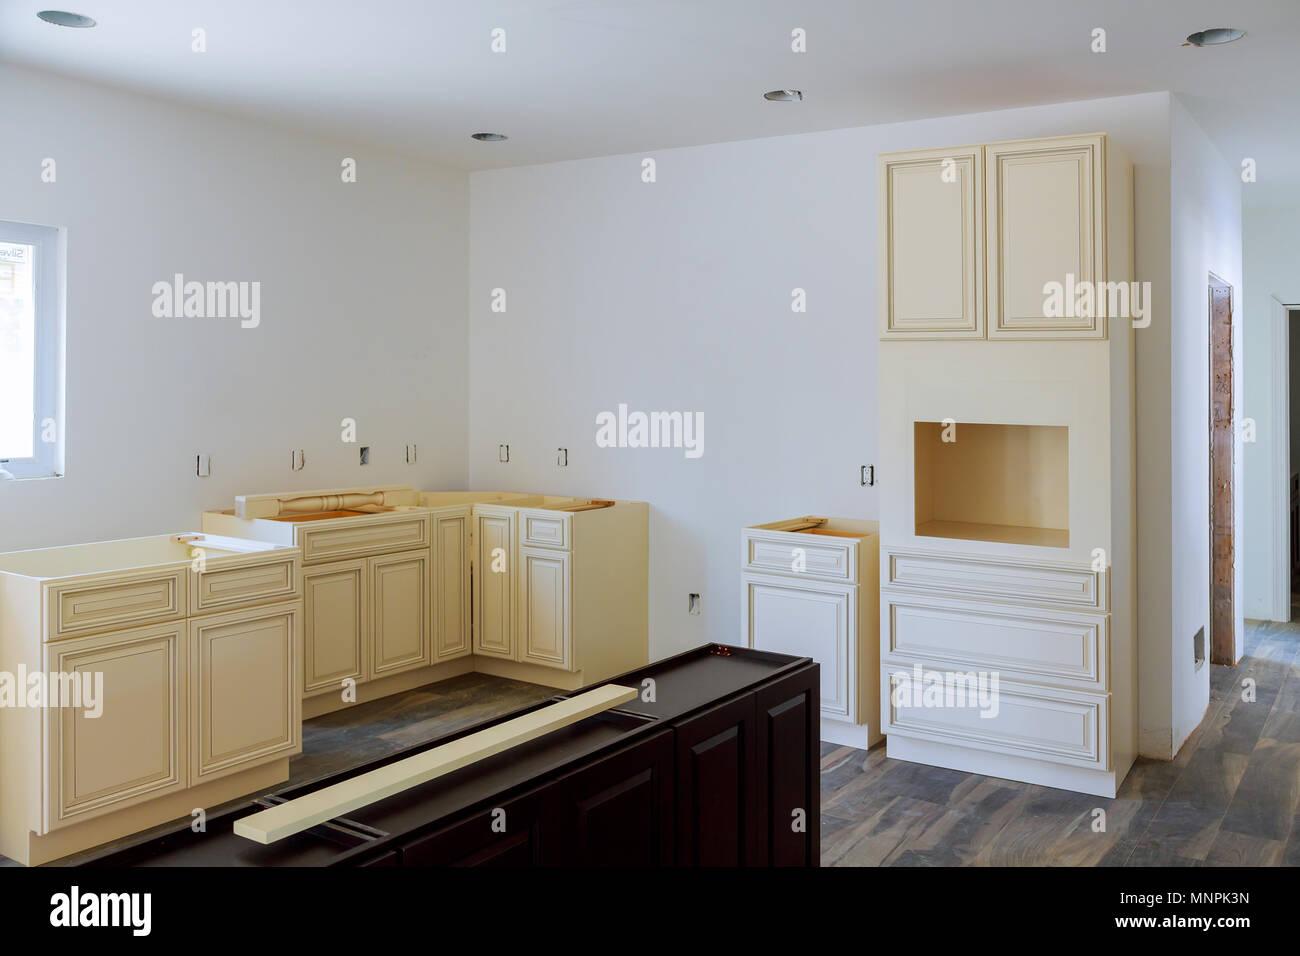 Kuchenschranke Installation Blinde Ecke Cabinet Insel Schubladen